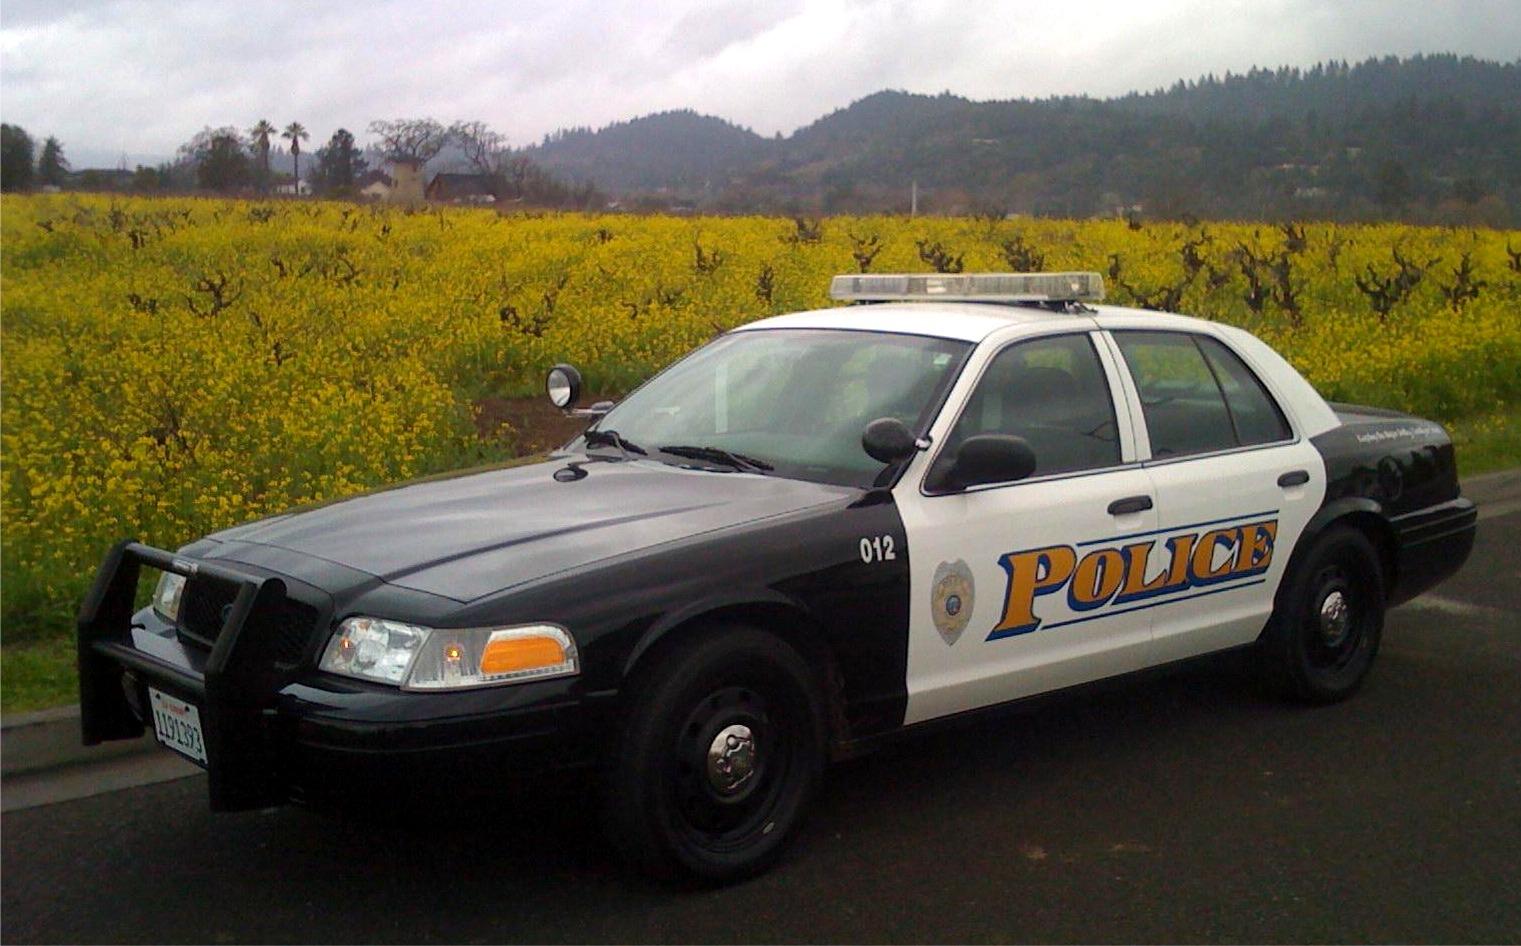 2008_Patrol_car.JPG